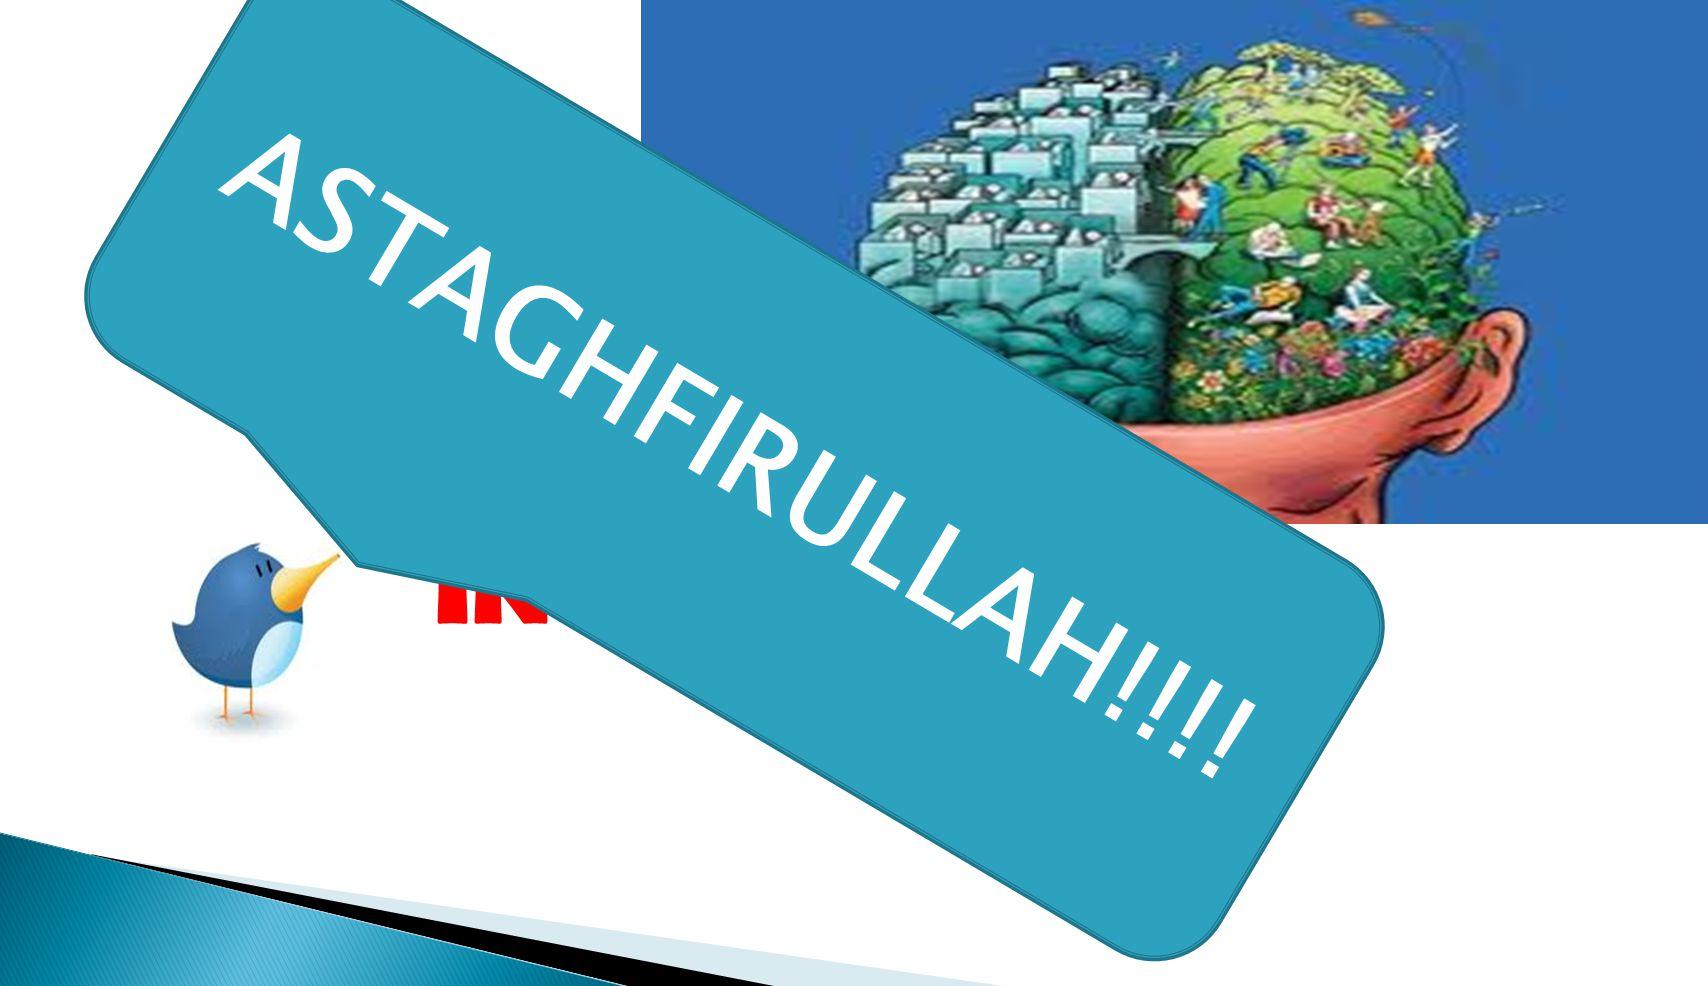 IDE KREATIF DAN INOVATIF ASTAGHFIRULLAH!!!!